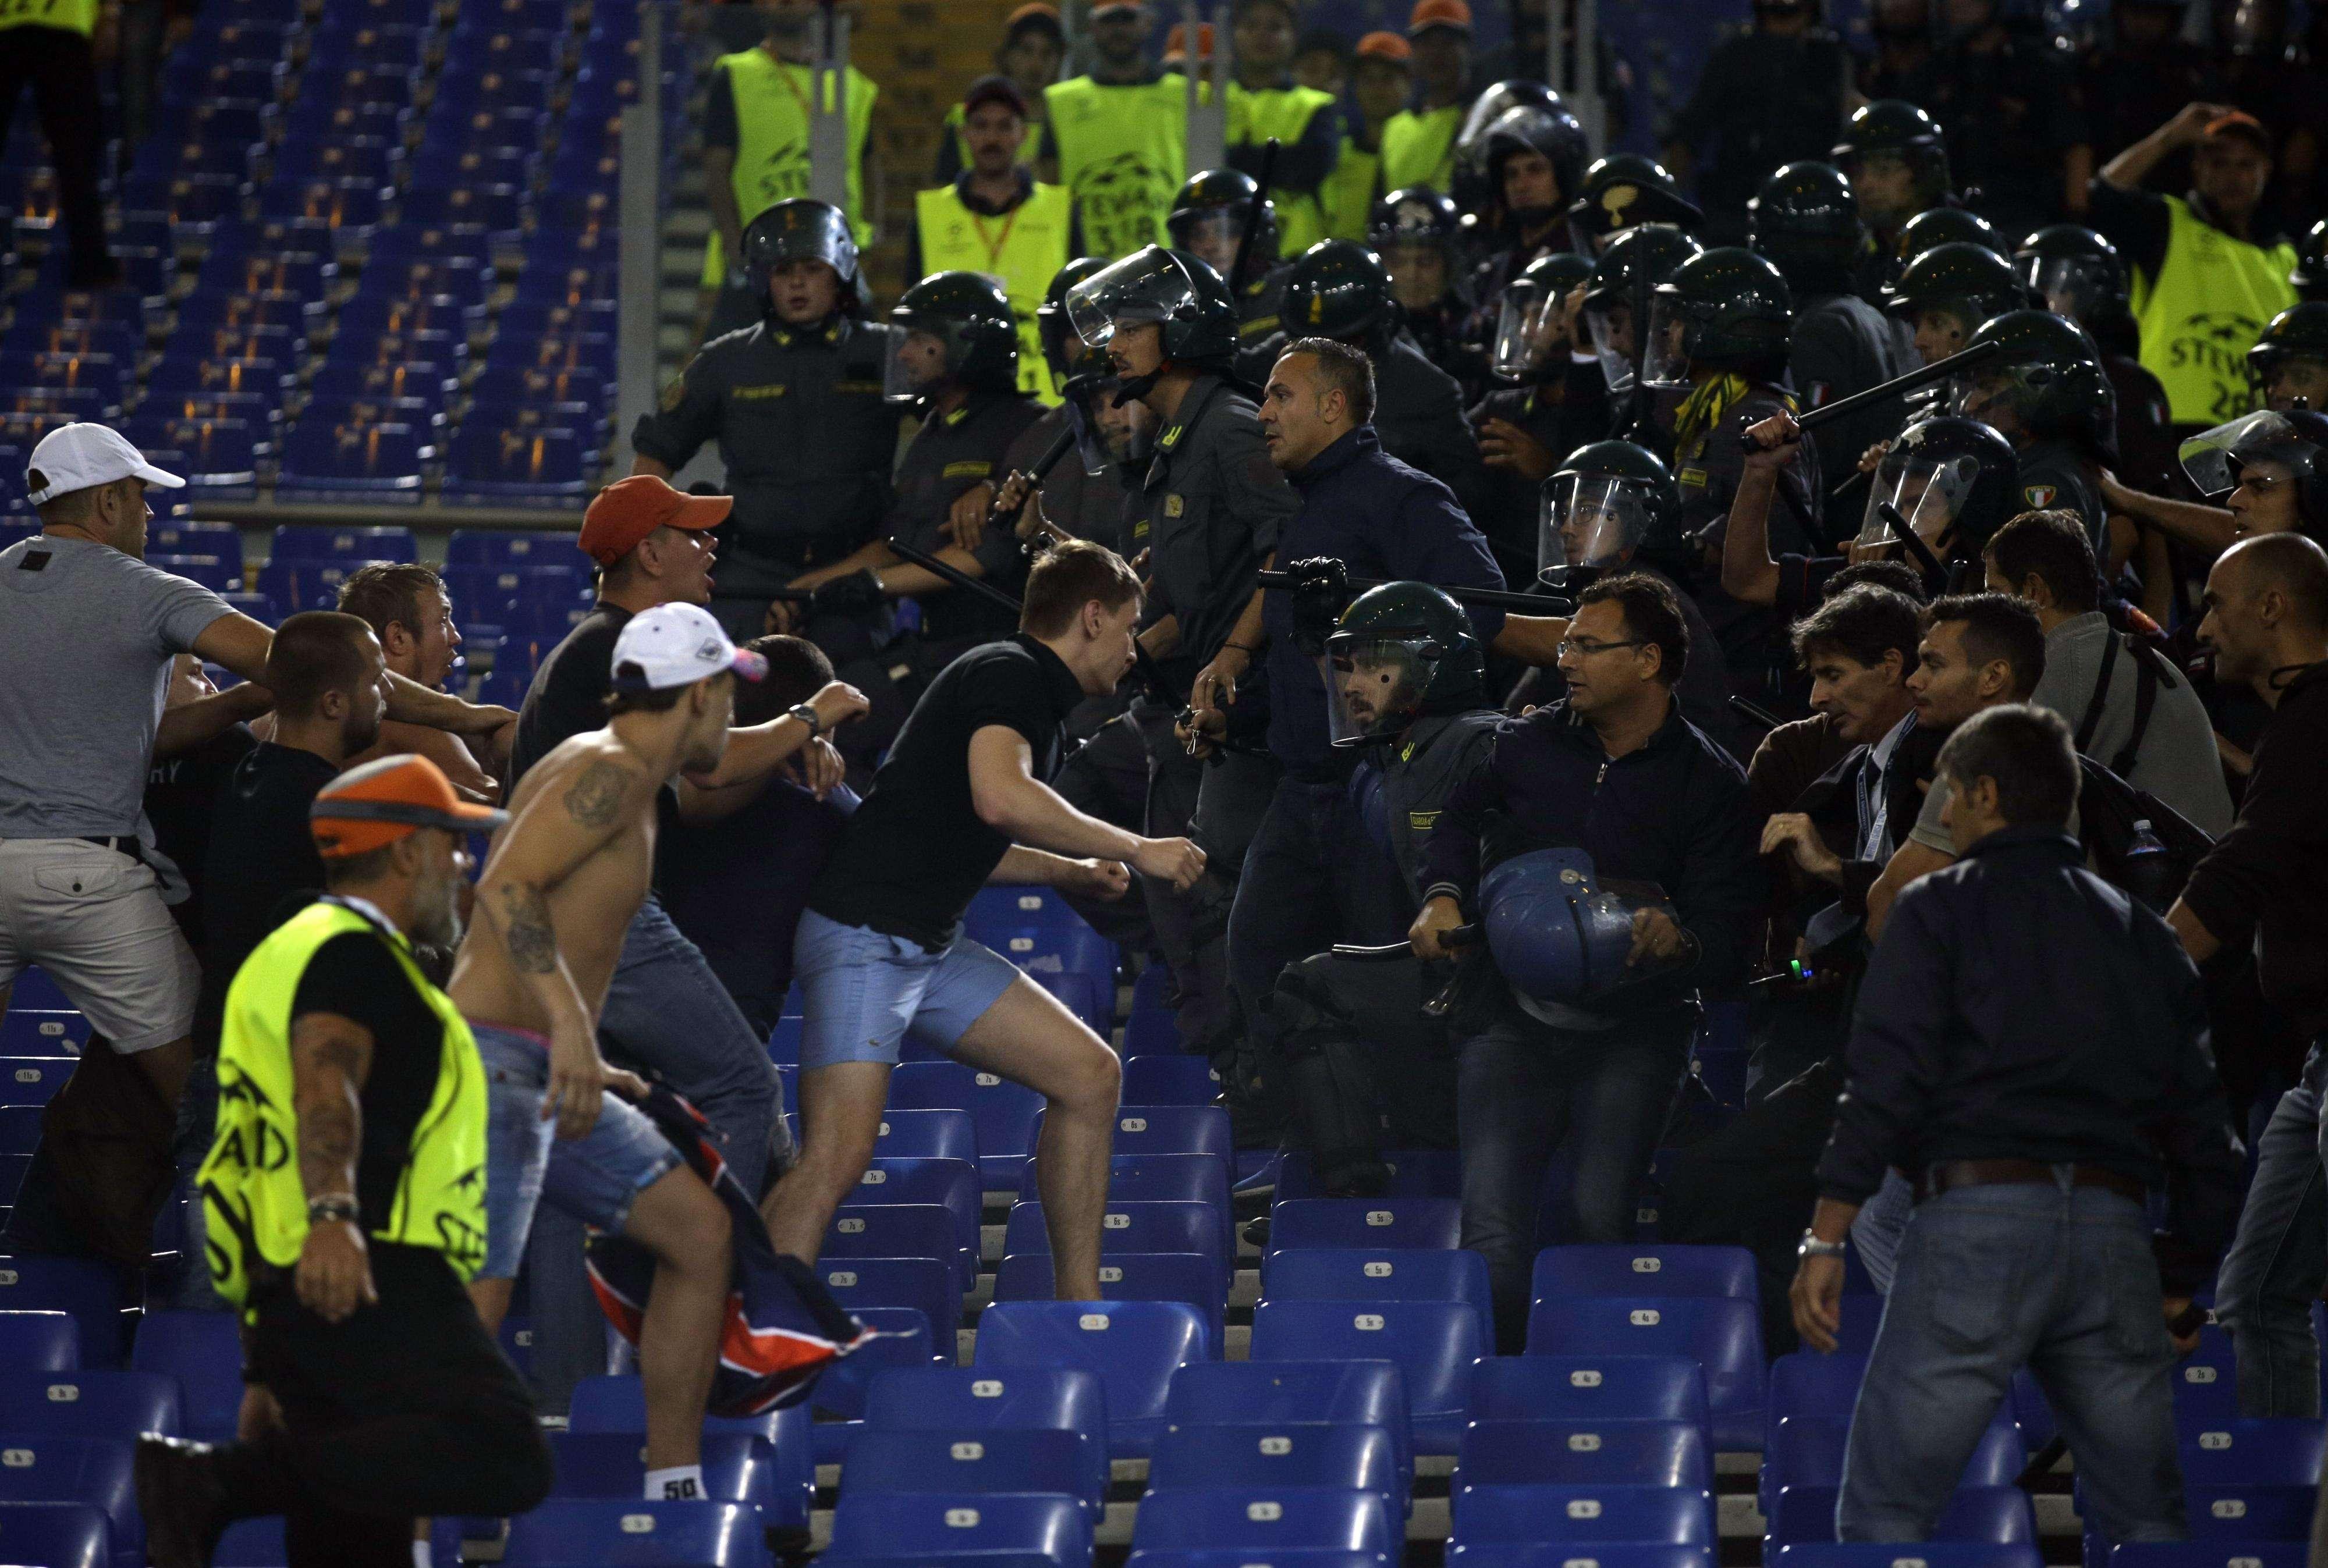 Torcedores brigam na arquibancada do Estádio Olímpico Foto: Alessandra Tarantino/AP